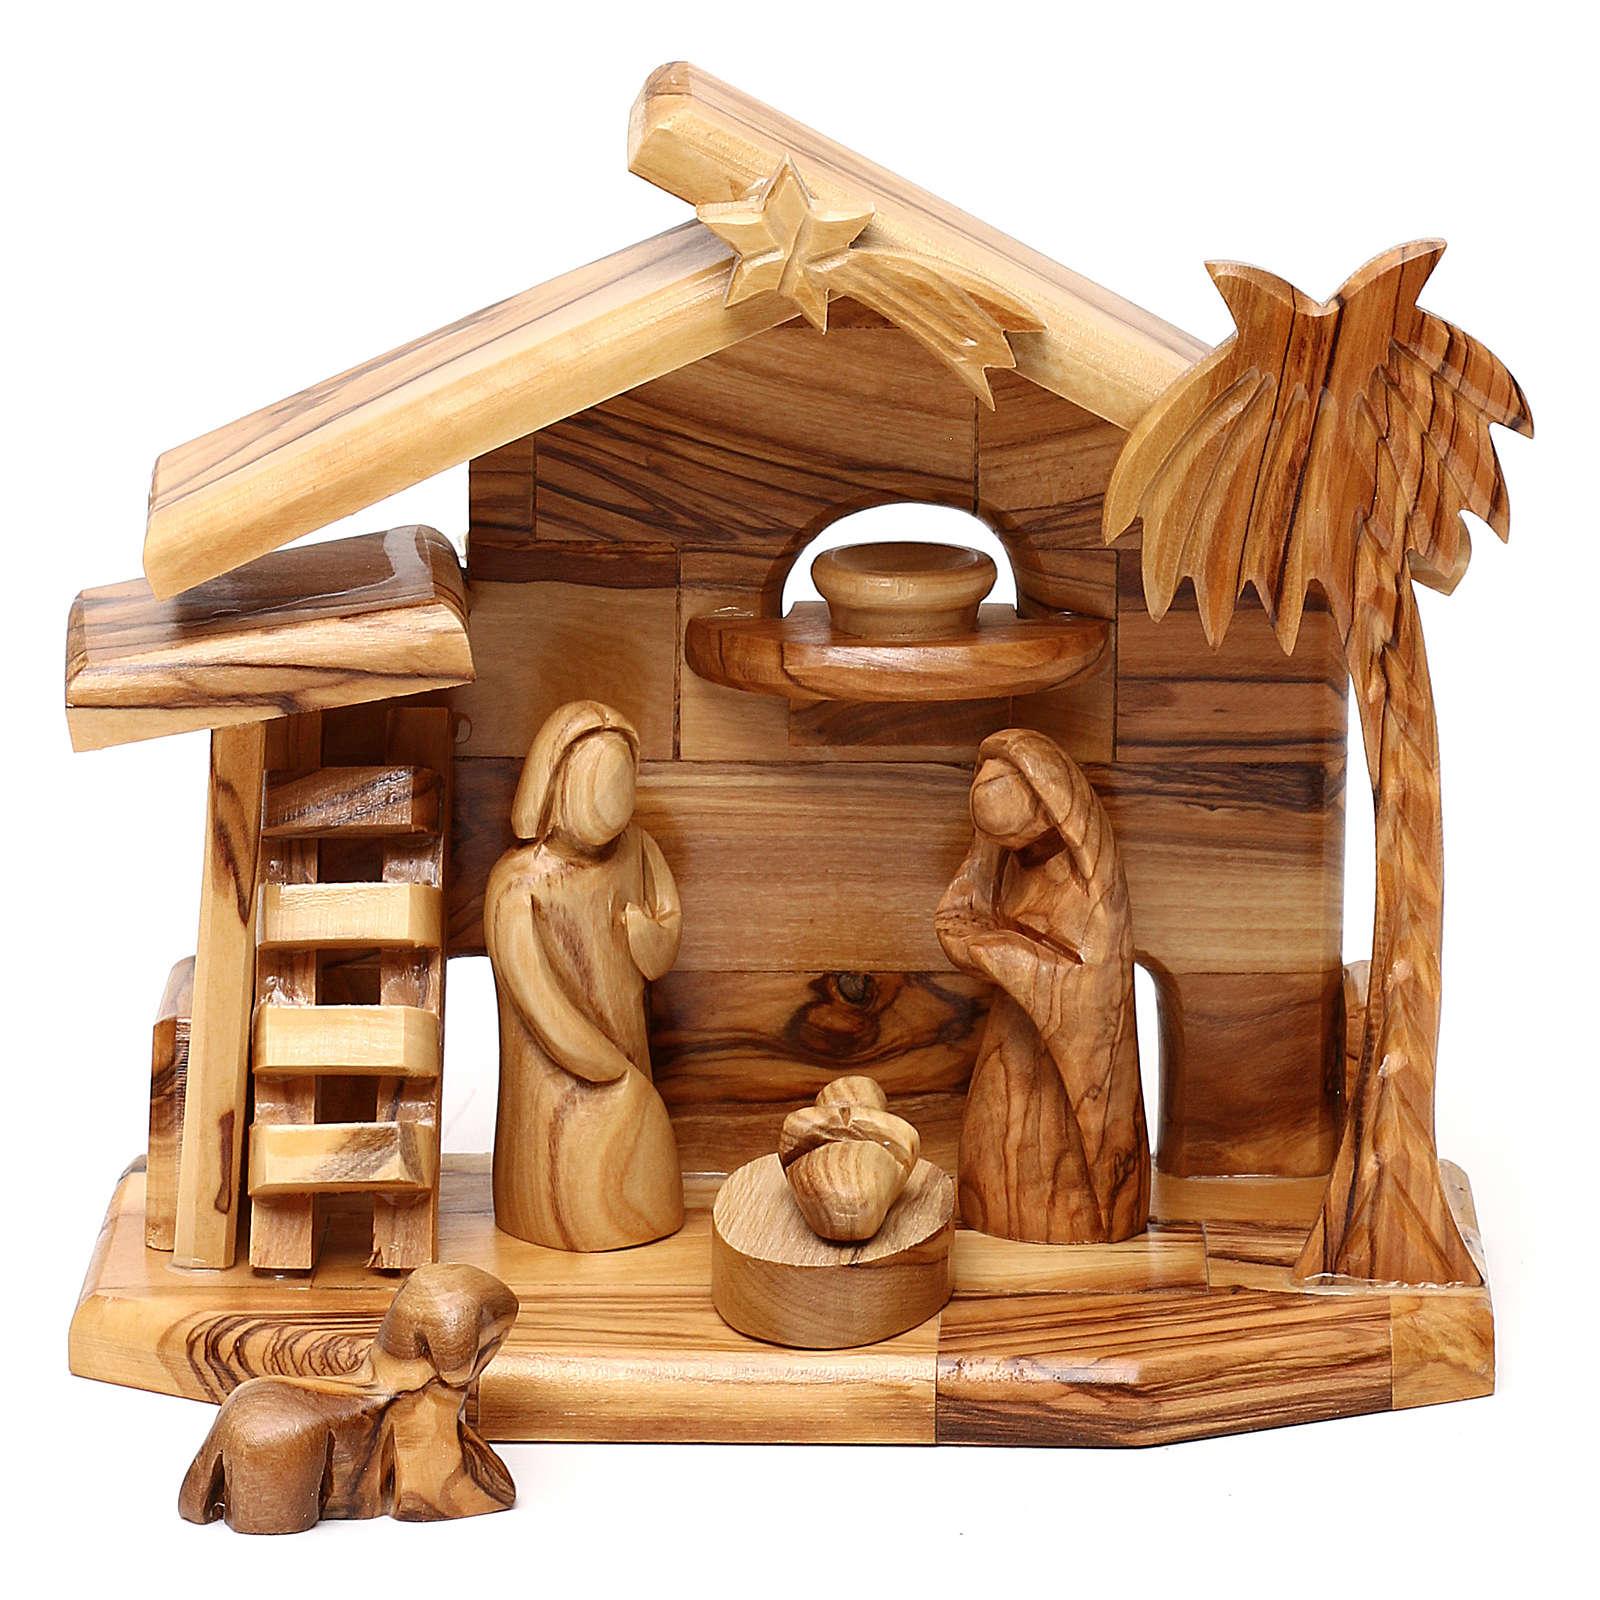 Cabane avec crèche en olivier de Bethléem avec Nativité 20x20x10 cm 4